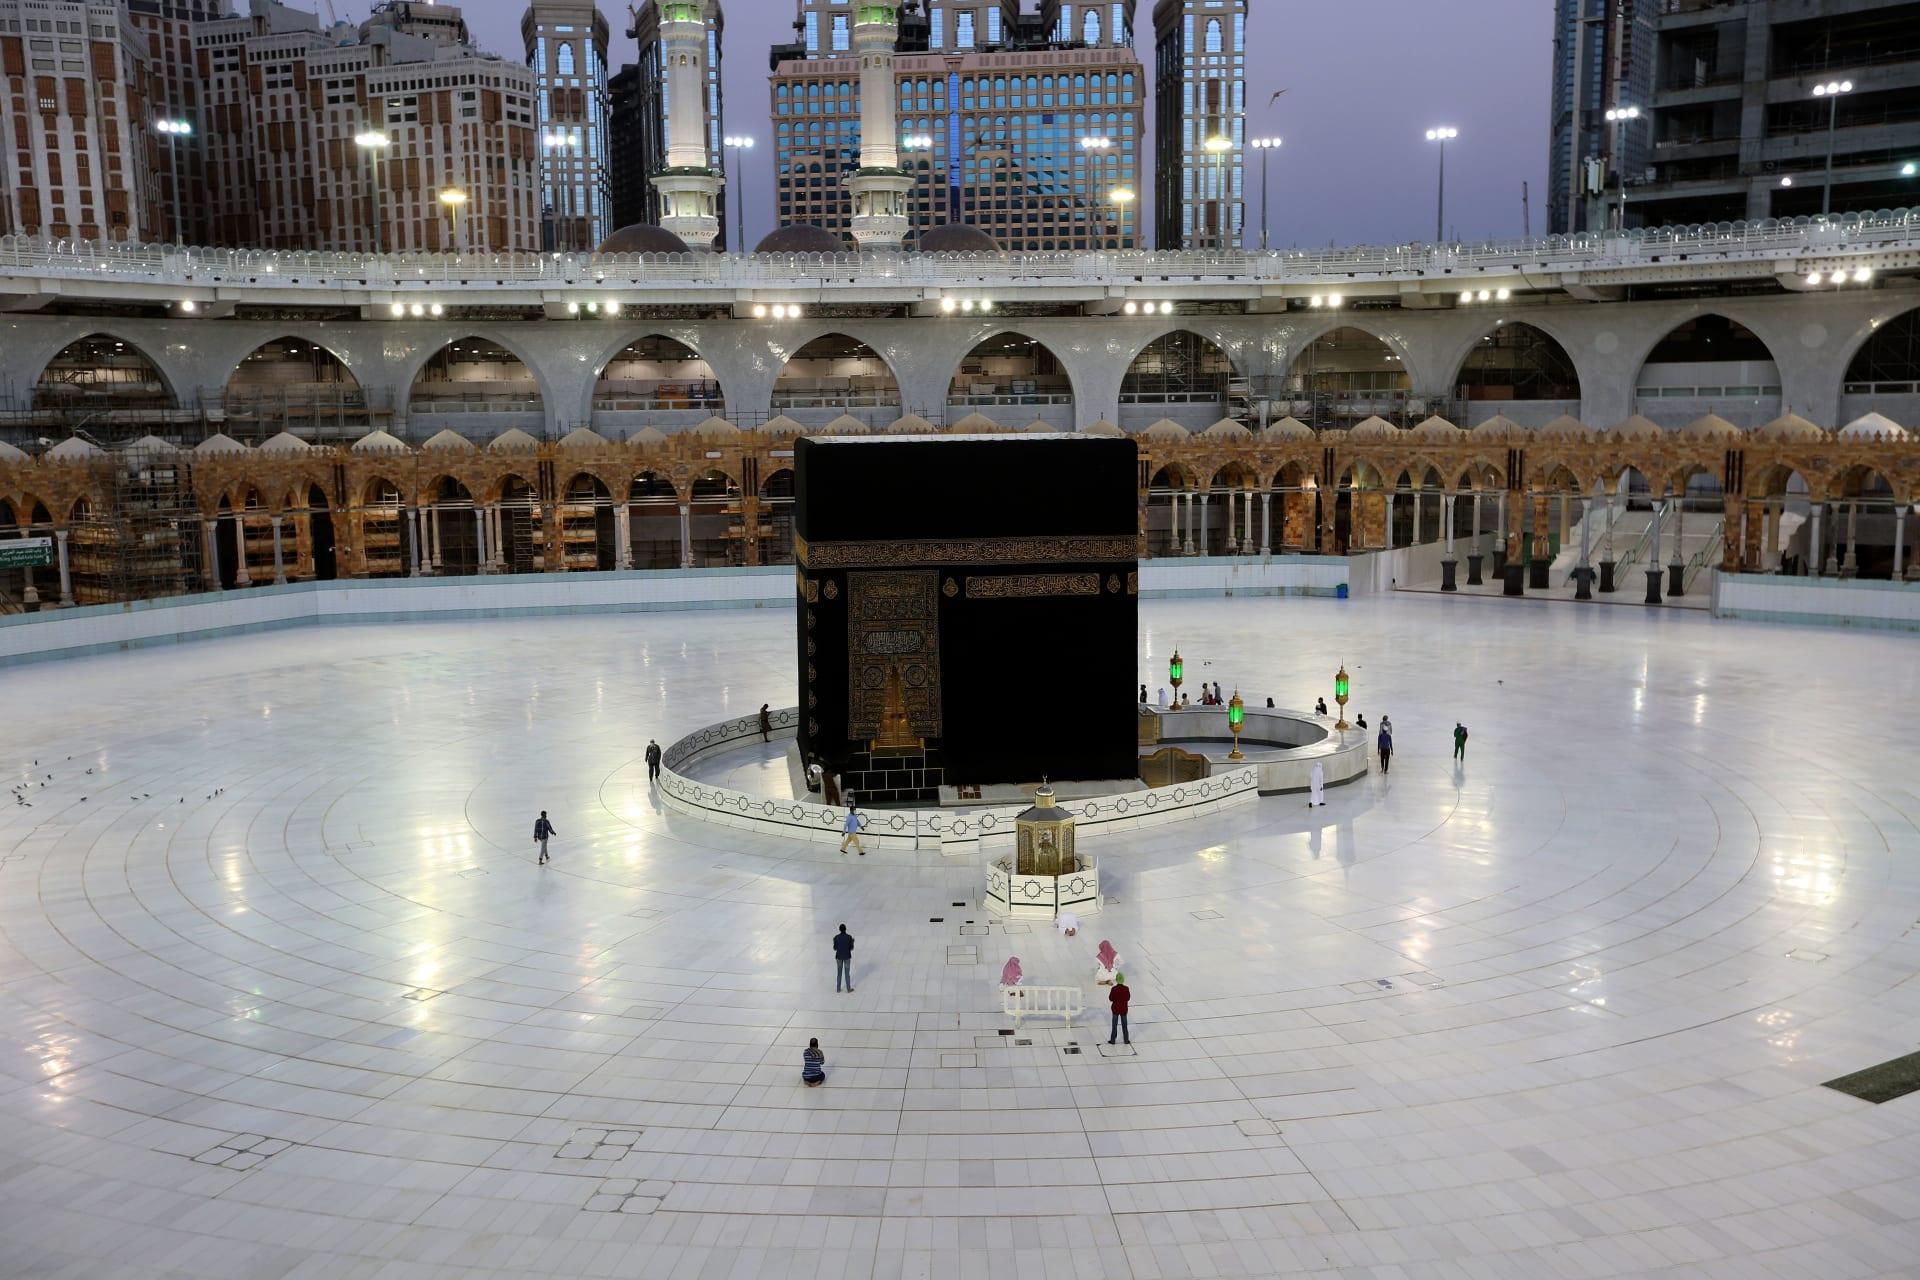 السعودية تطلق تطبيقا لتنظيم العمرة.. والمرحلة الأولى تبدأ 4 أكتوبر